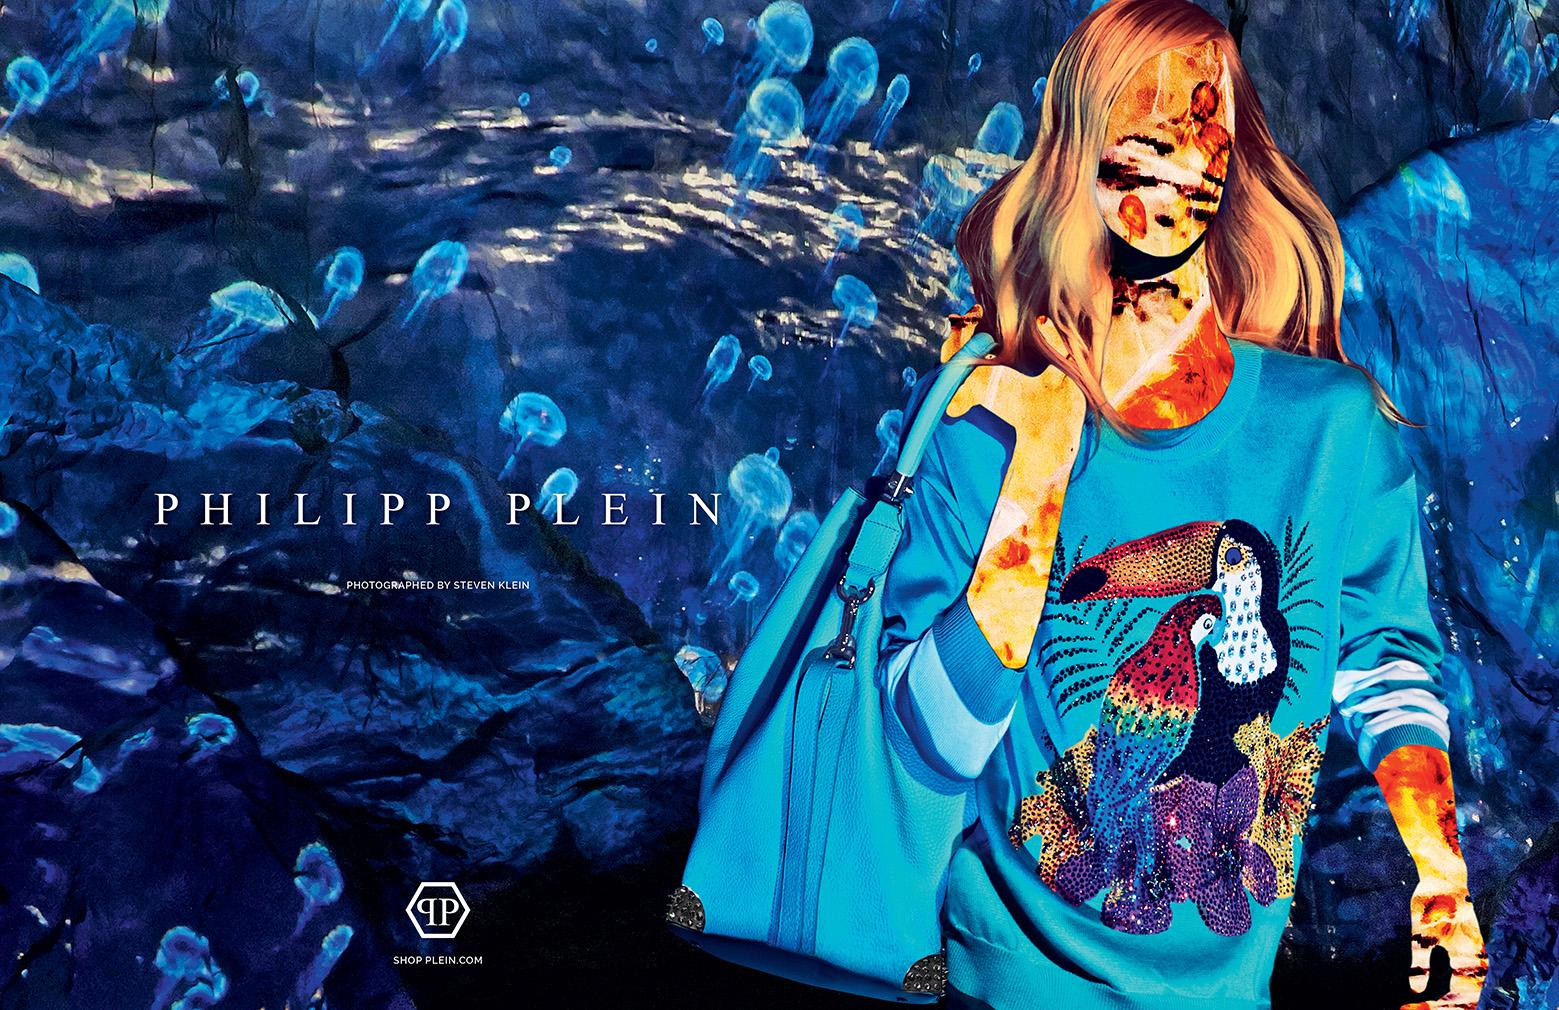 PHILIPP PLEIN SS15 Campaign 06